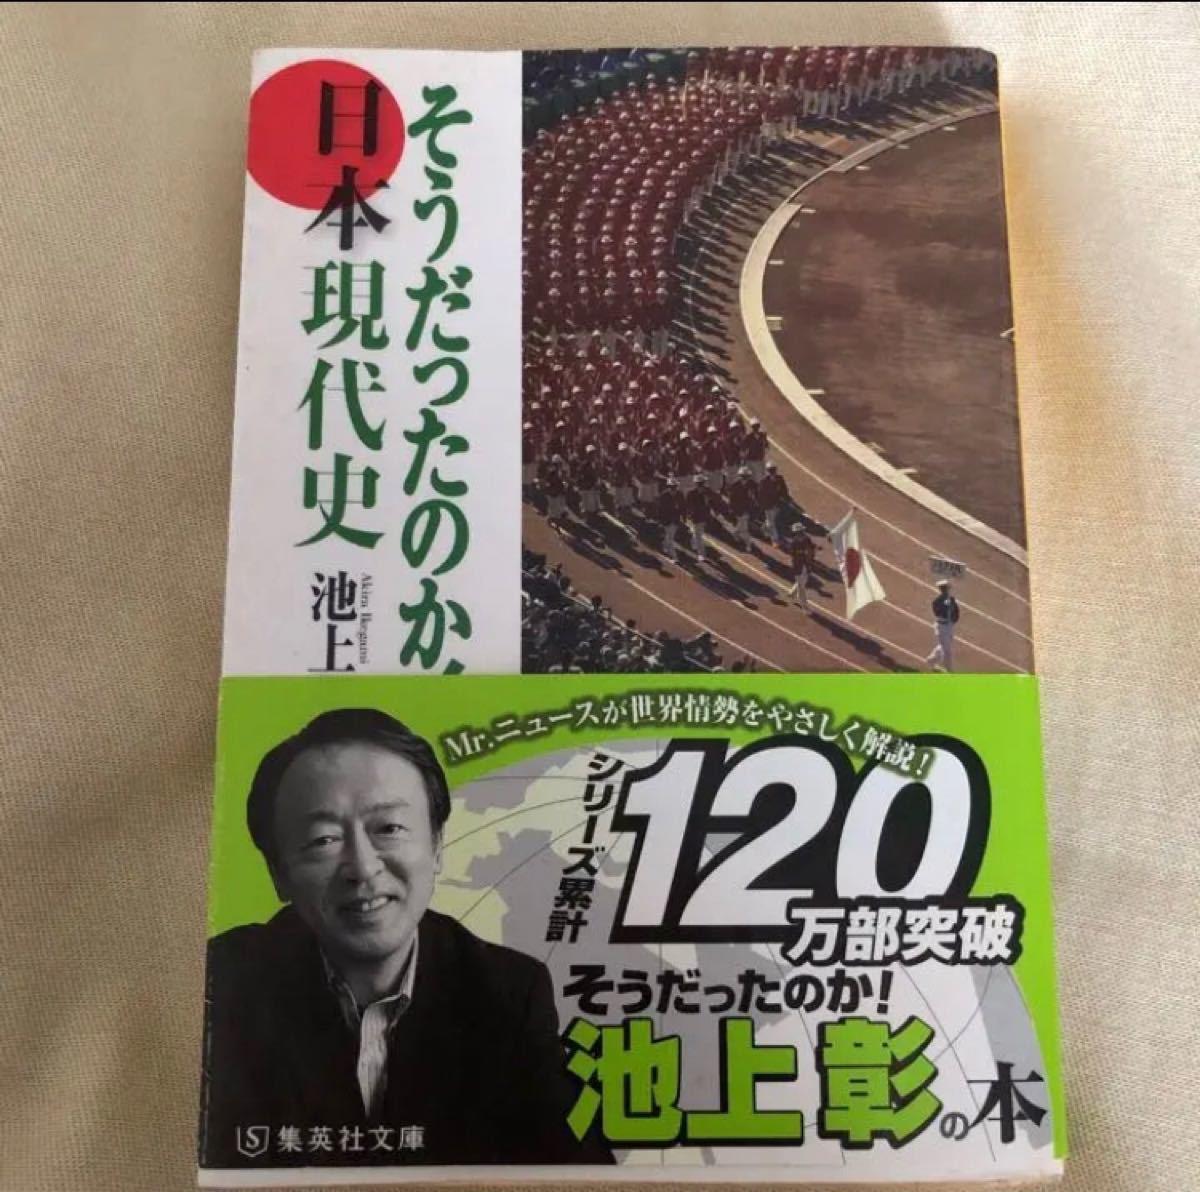 「情報だけ武器にしろ。 お金や人脈、学歴はいらない!」 堀江貴文&池上彰そうだったのか、日本現代史2冊セット